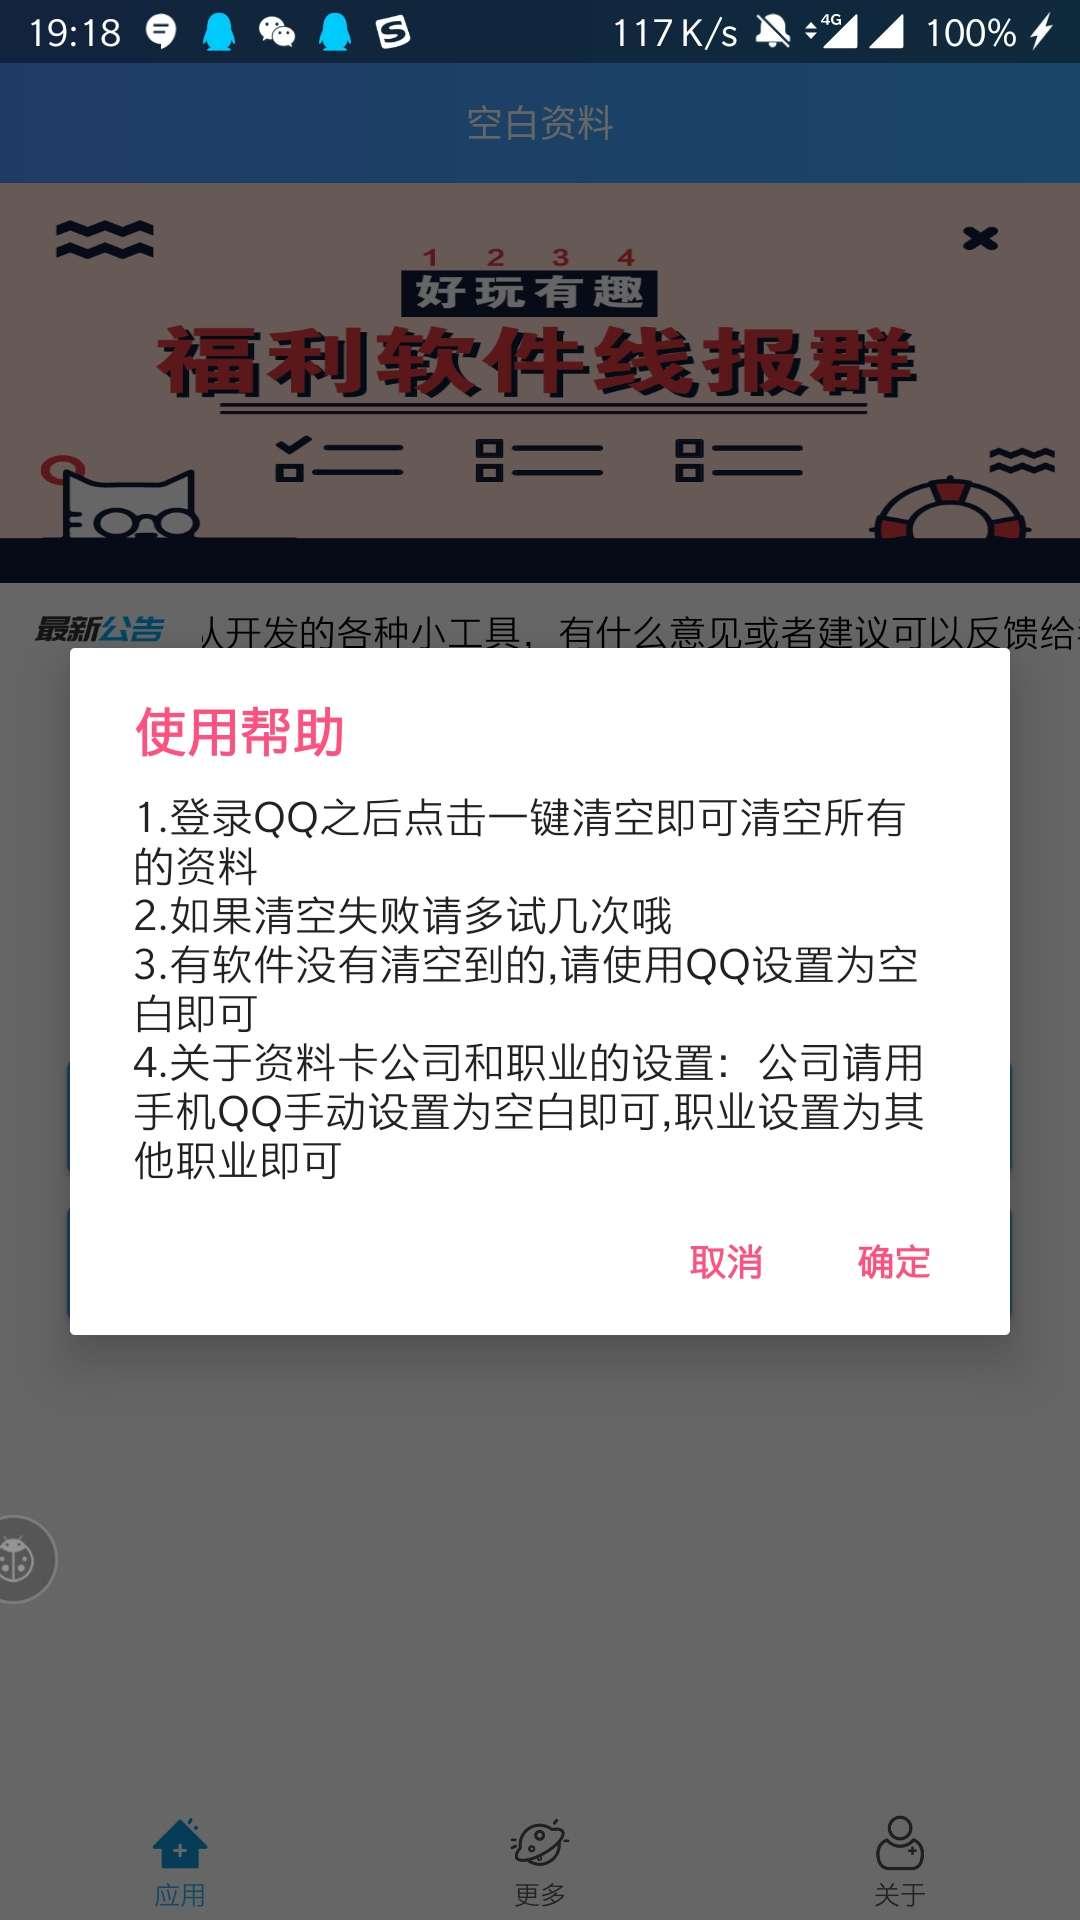 【原创软件】QQ一键设置空白资料